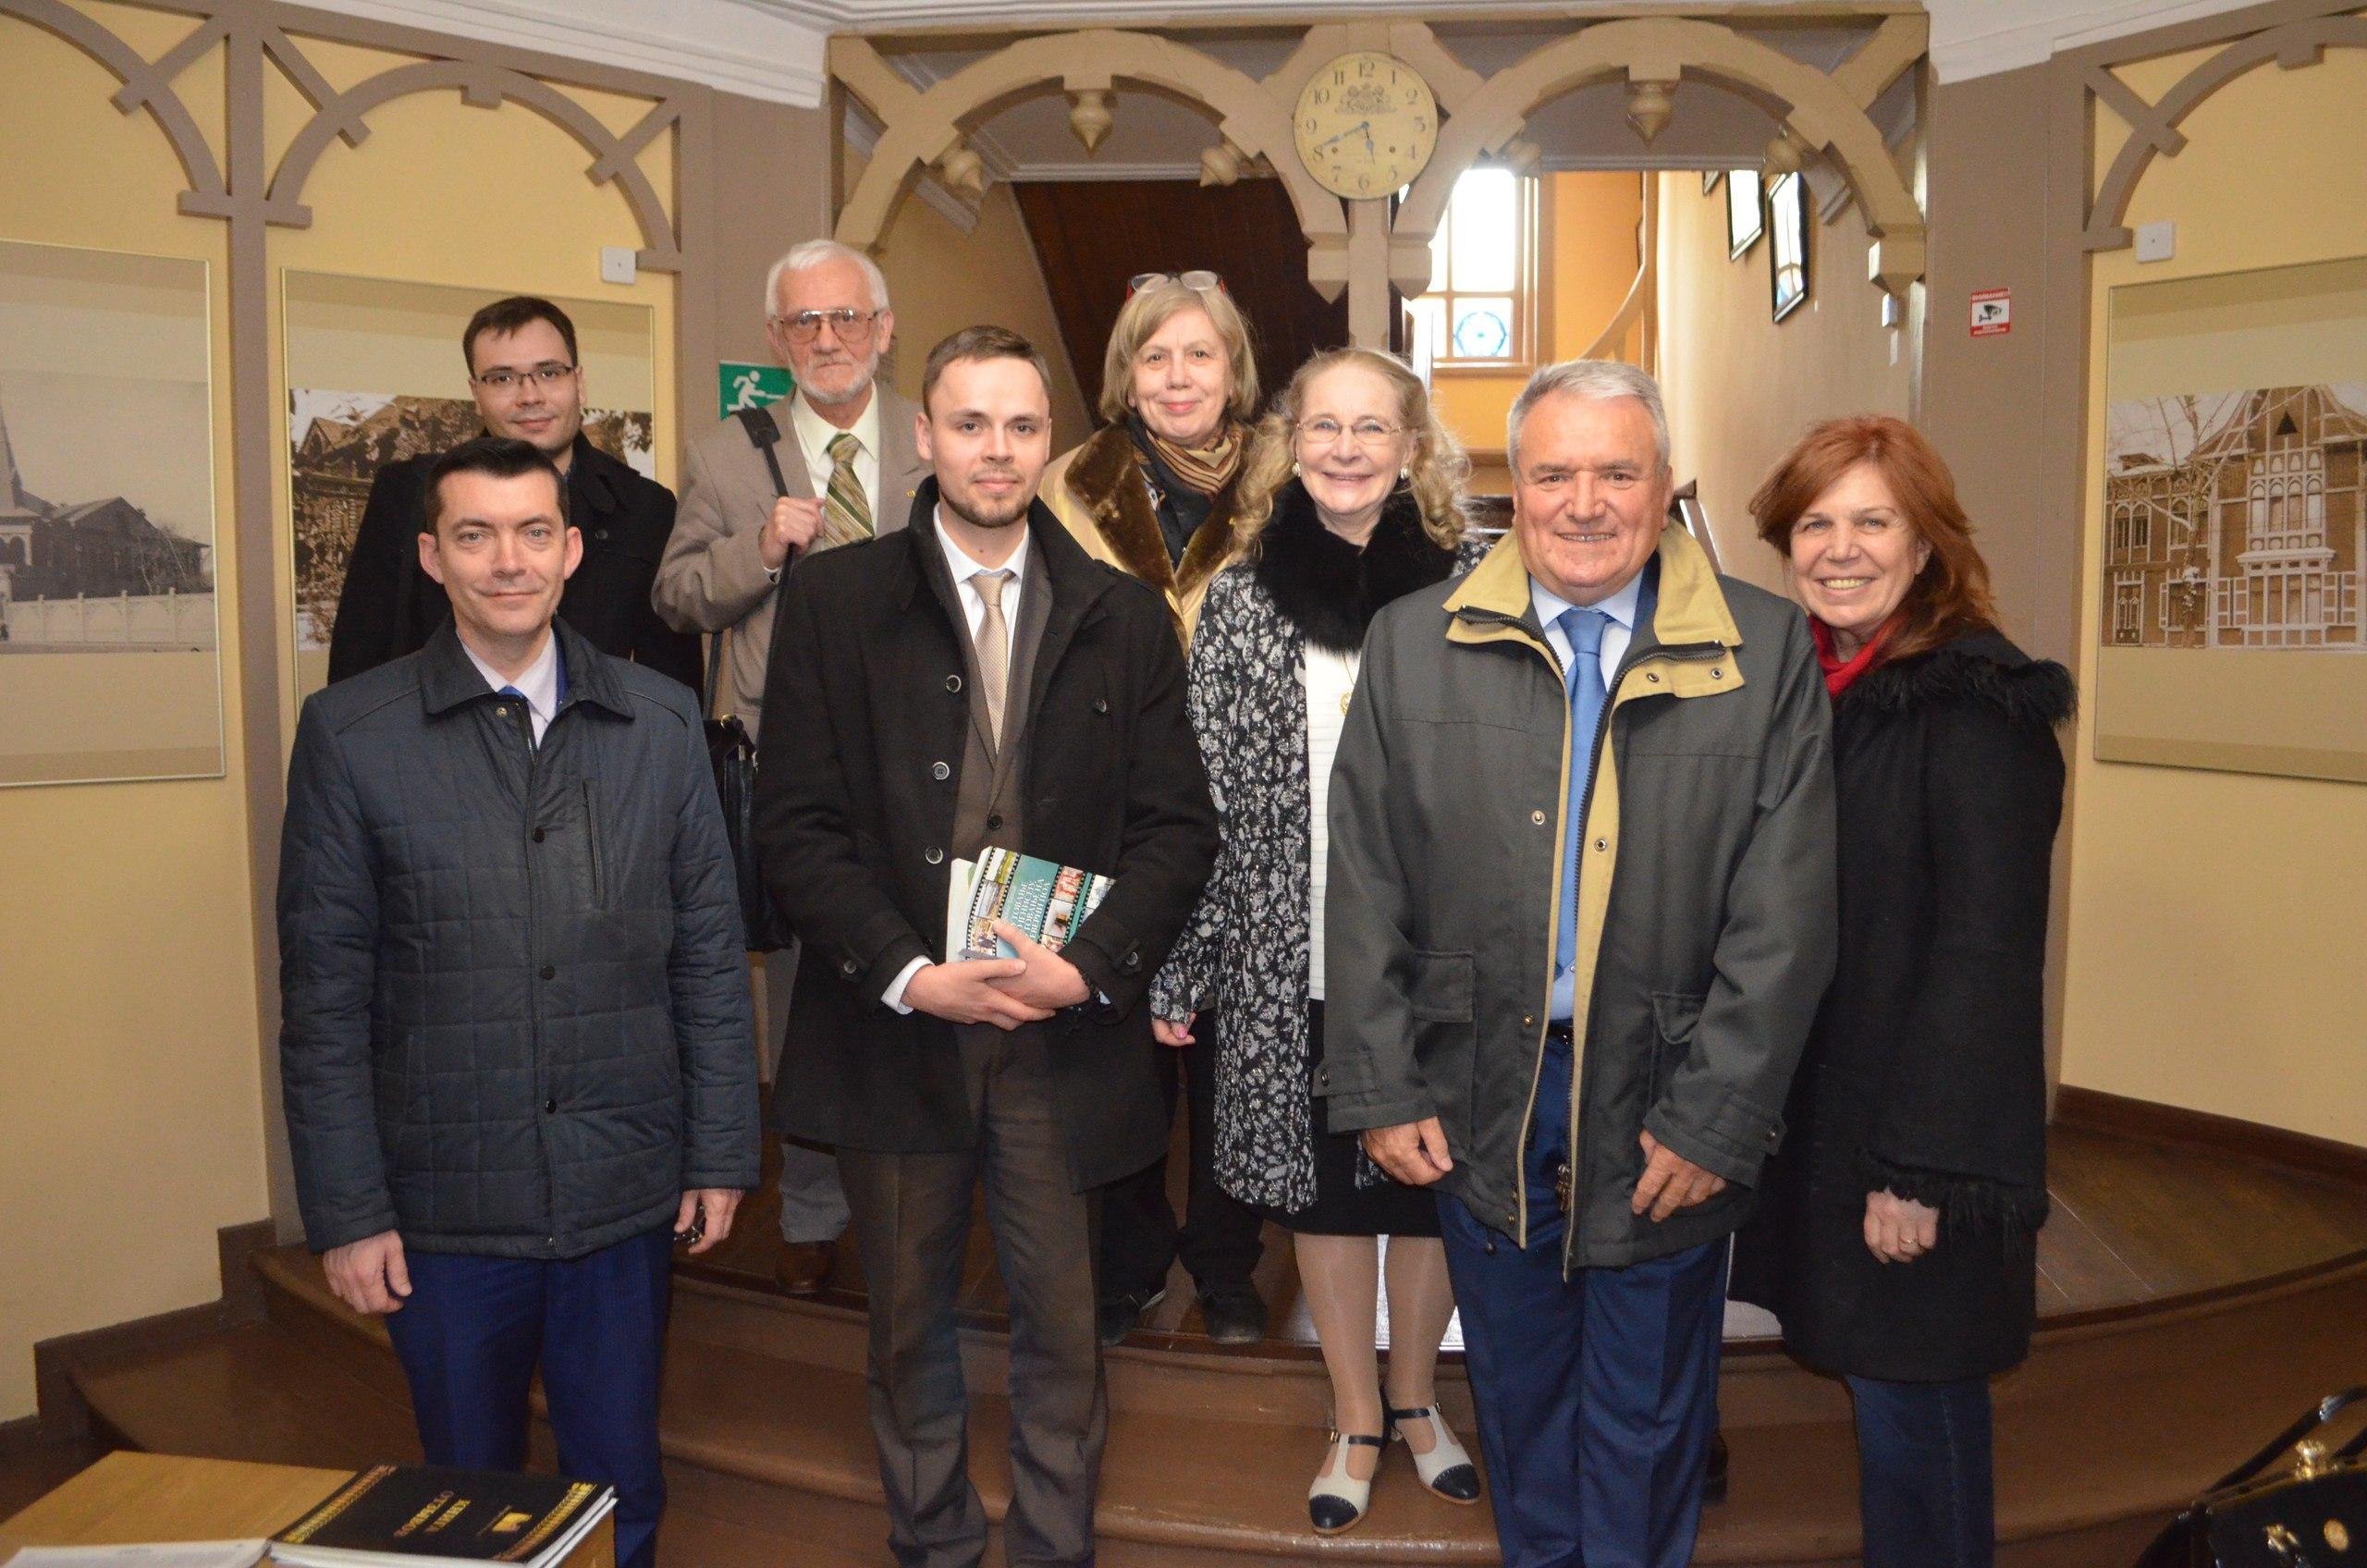 Участники презентации книги Сречко Джукича в Красноярском литературном музее, май 2018.